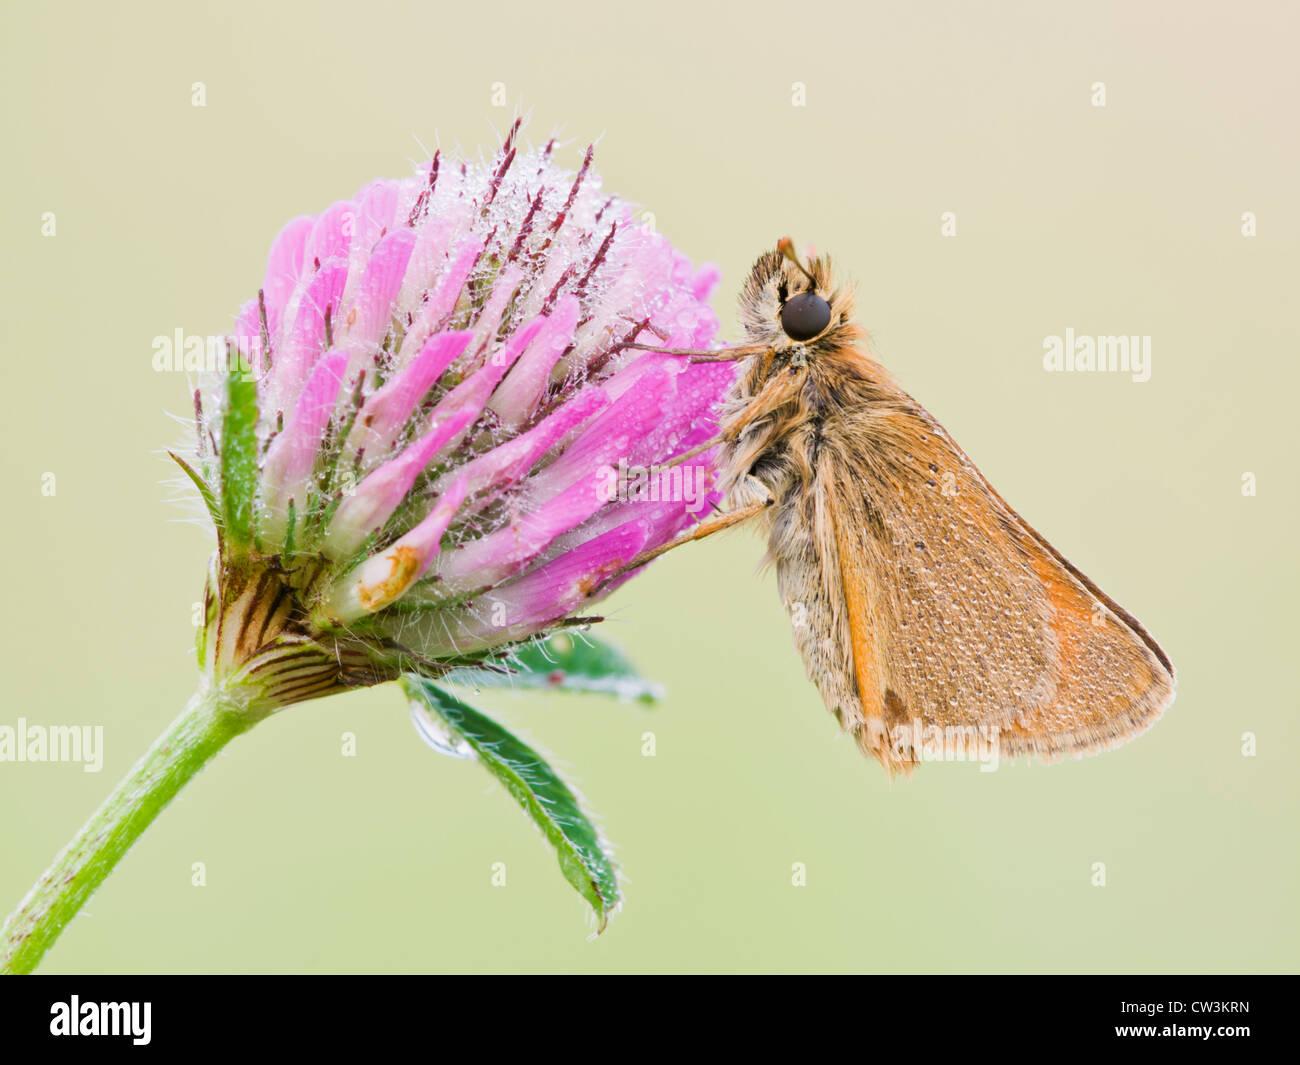 Petite fleur de trèfle skipper reposant sur Photo Stock